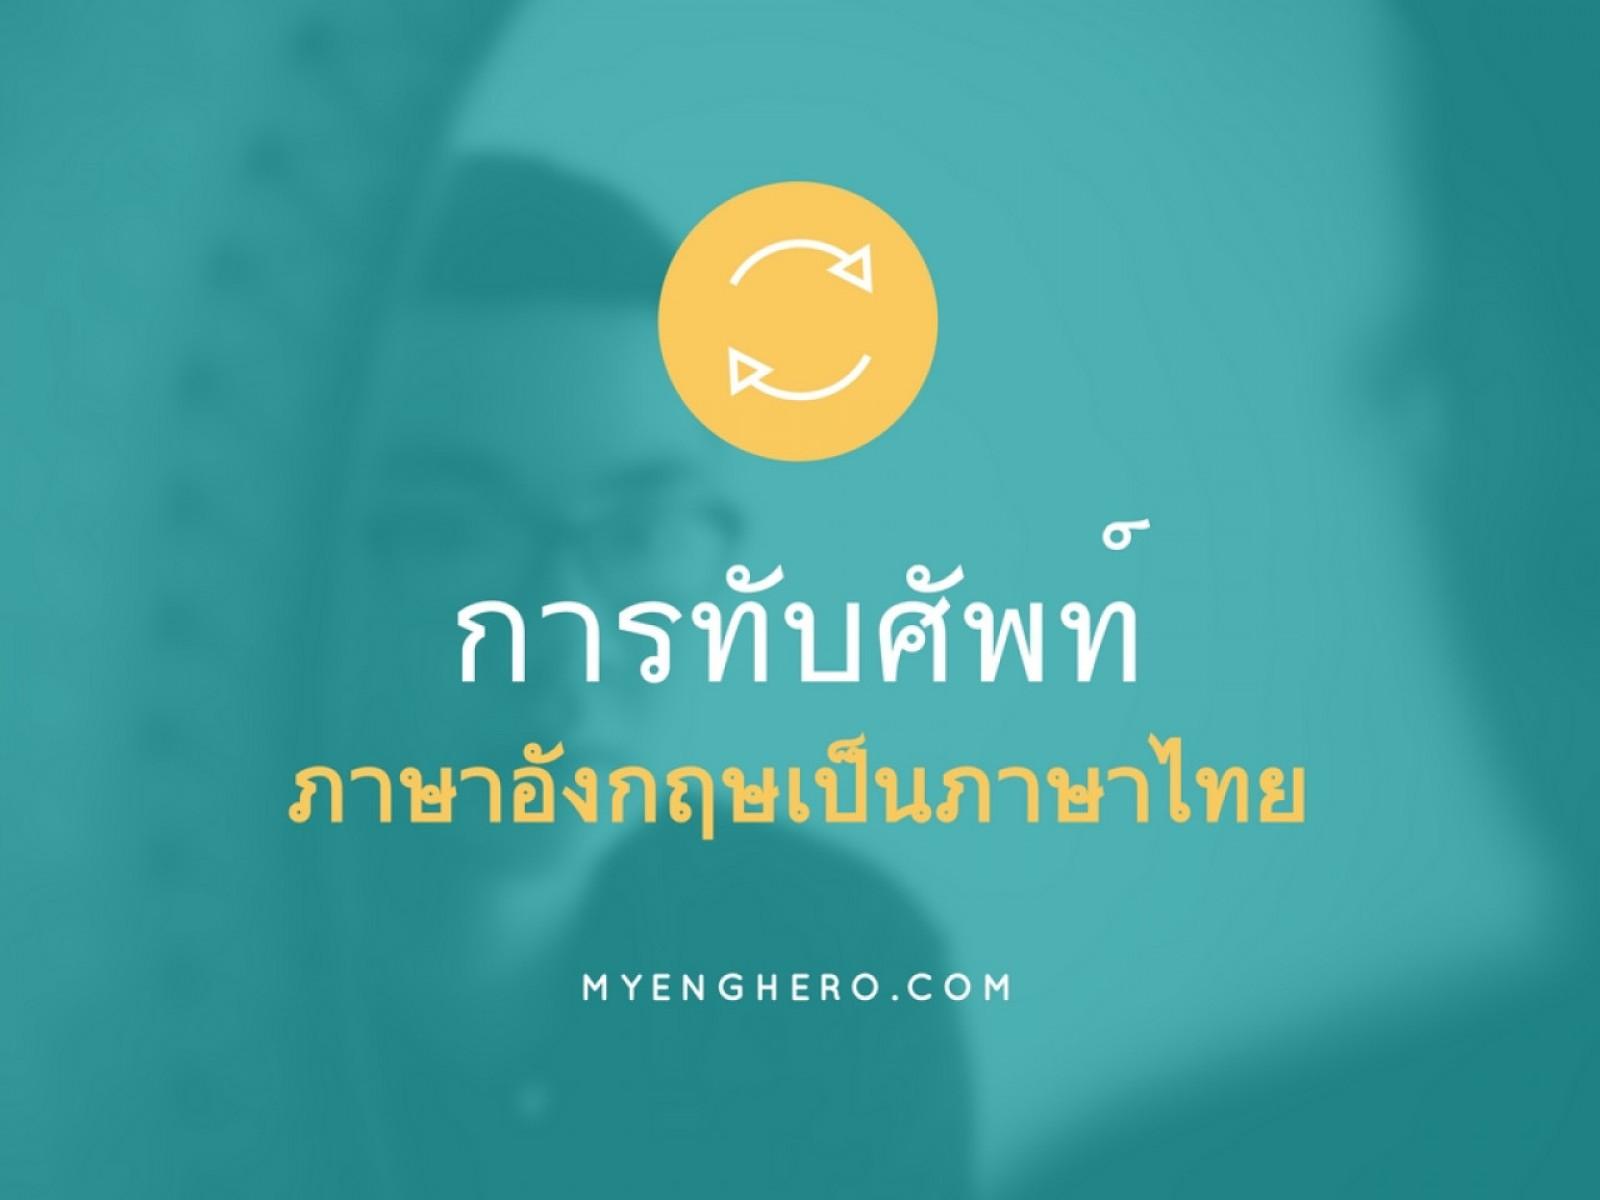 การทับศัพท์ภาษาอังกฤษเป็นภาษาไทย | Eng Hero เรียนภาษาอังกฤษ ออนไลน์ ฟรี